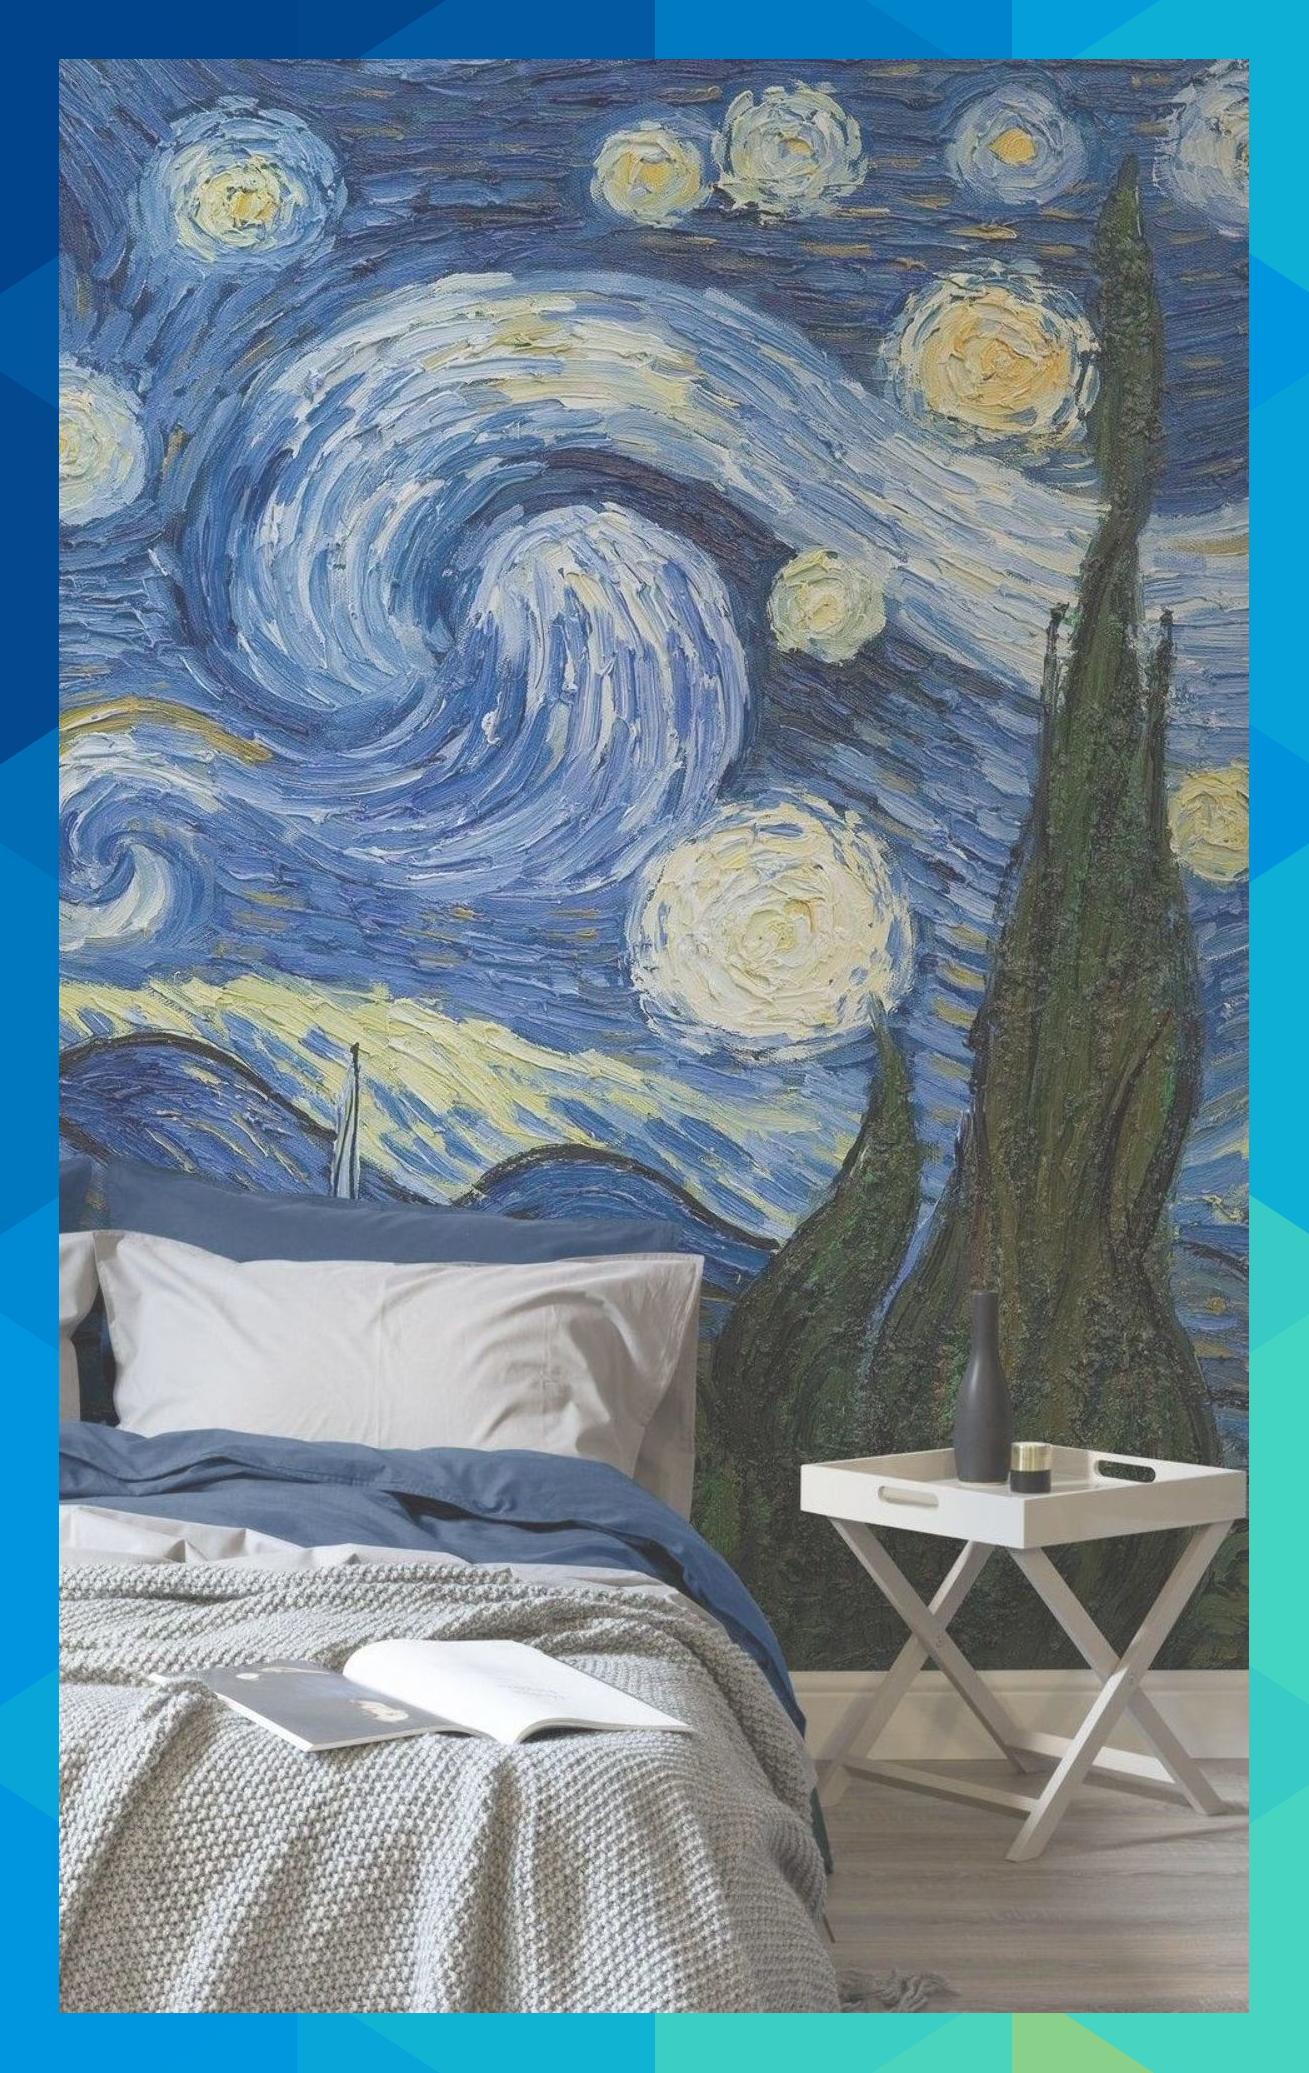 Obras De Arte Clásicas Convertidas En Papel Pintado Para Los Hogares Más Modernos Tromporal385 Starry Night Wallpaper Van Gogh Wallpaper Starry Night Van Gogh